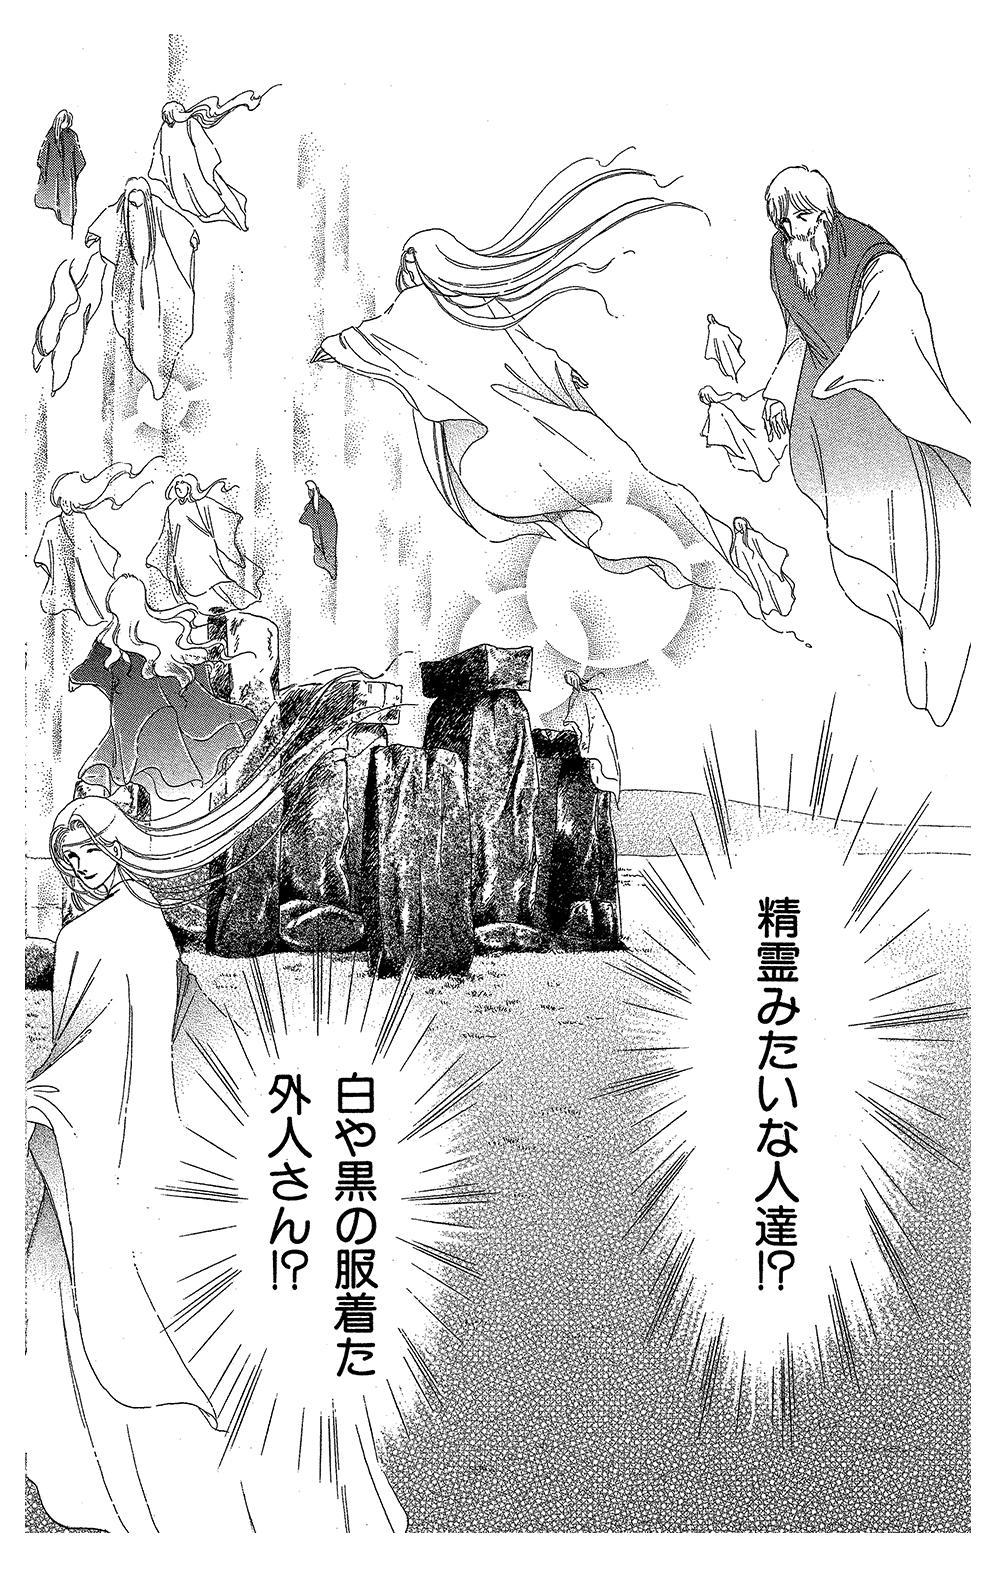 霊感ママシリーズ 第3話「英国ミステリーツアー」③reikanmama-02-92.jpg